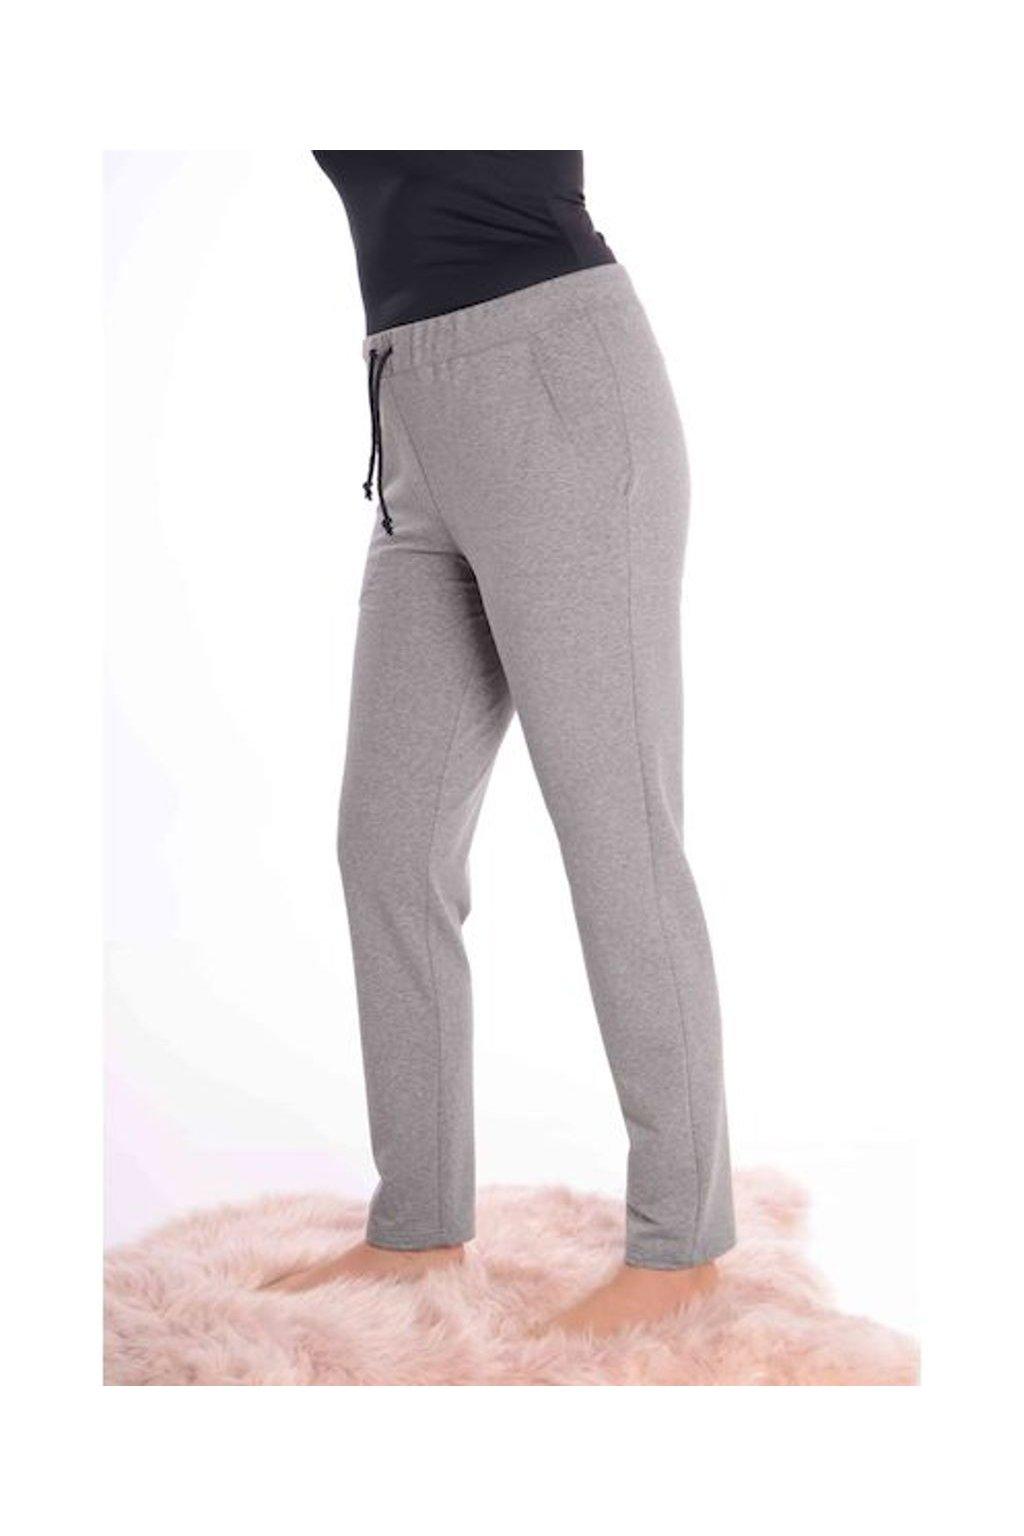 0521 Kalhoty comfort (Velikost 36, Barva Šedá)